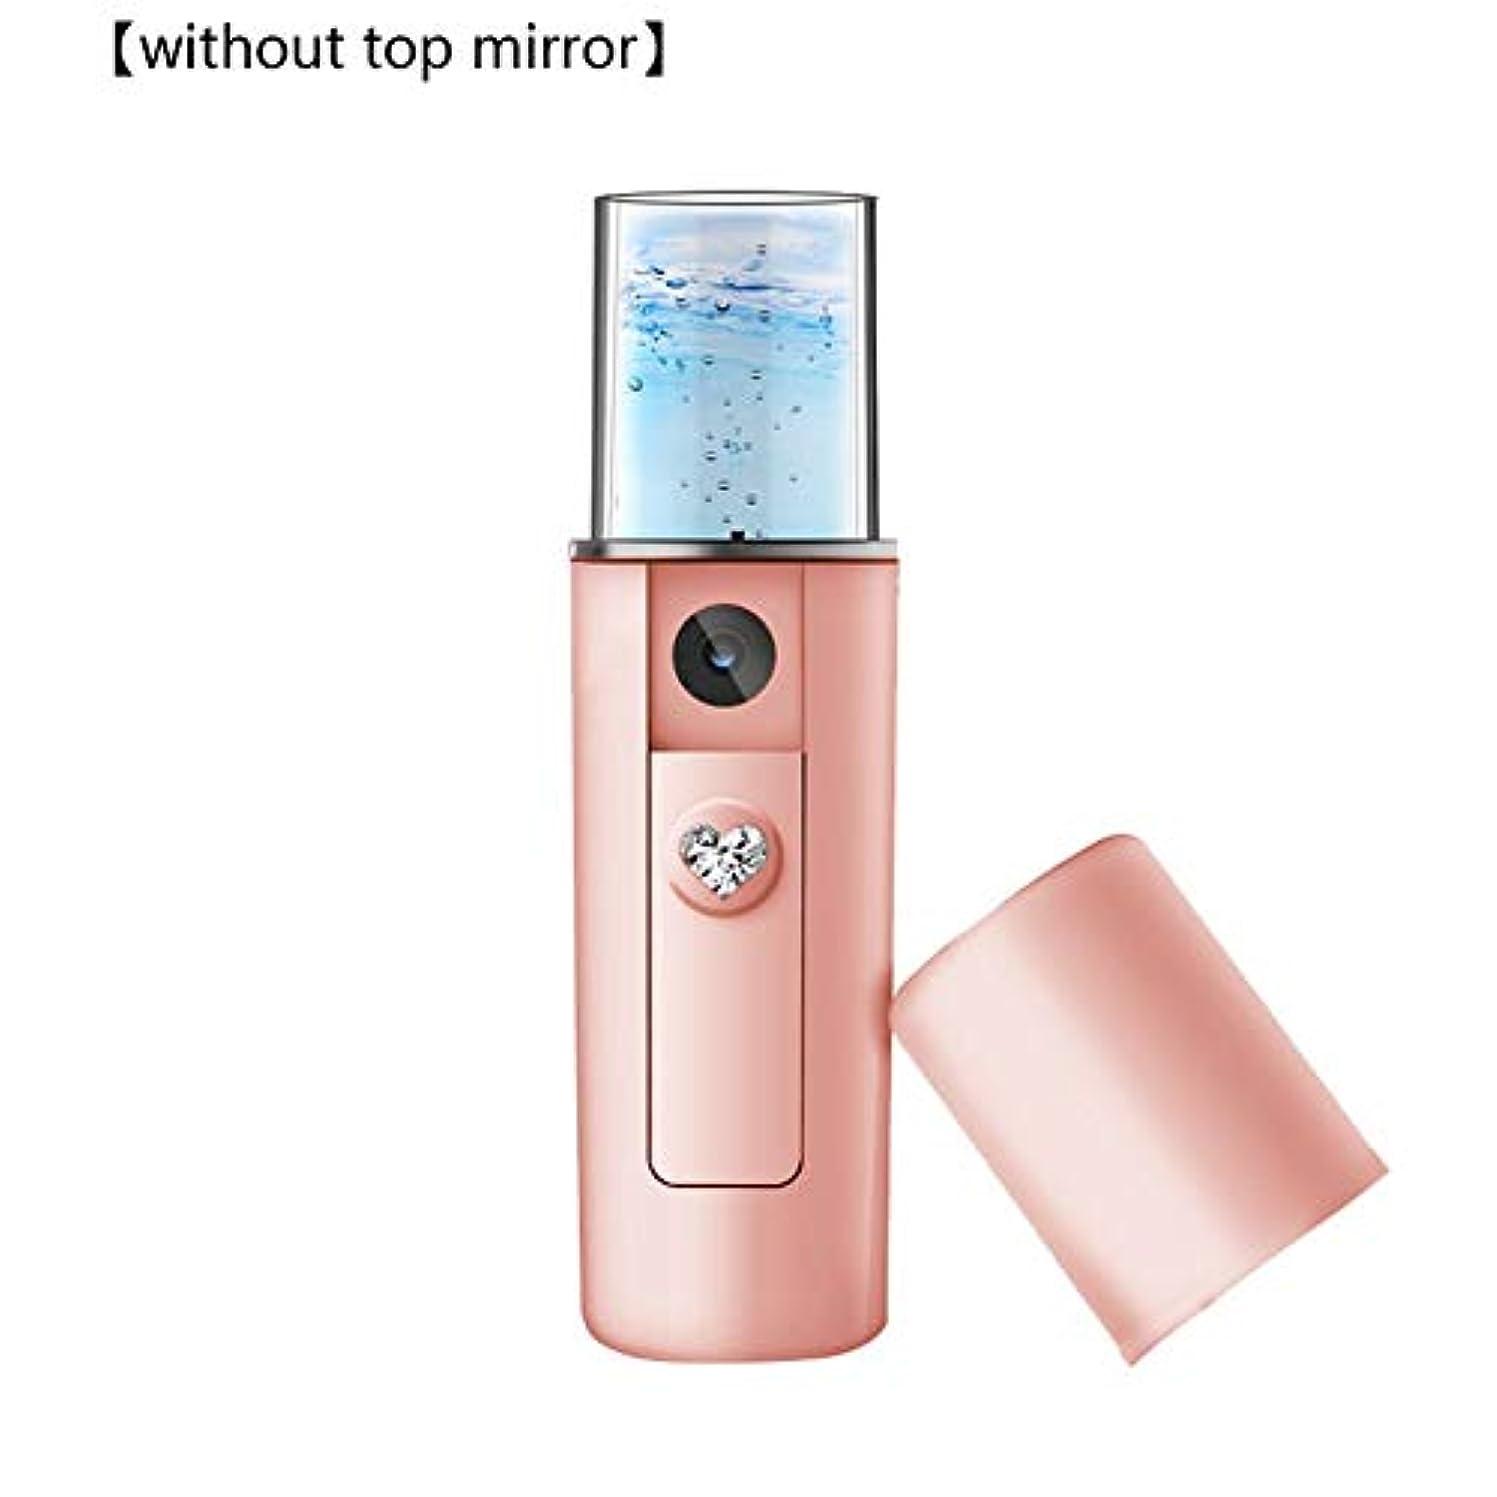 外部ゆるく蓮冷たい保湿スプレー、美しいフェイシャルスプレーメイクアップミラー。 USB充電インターフェイスは、まつげエクステンション用の高度な保湿フェイシャルスチームです (Color : Pink-A)